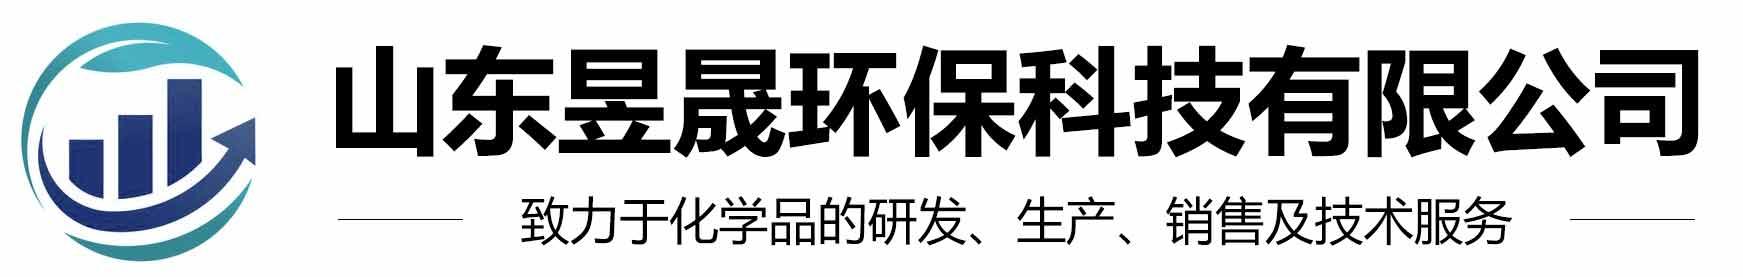 山东昱晟环保科技有限公司